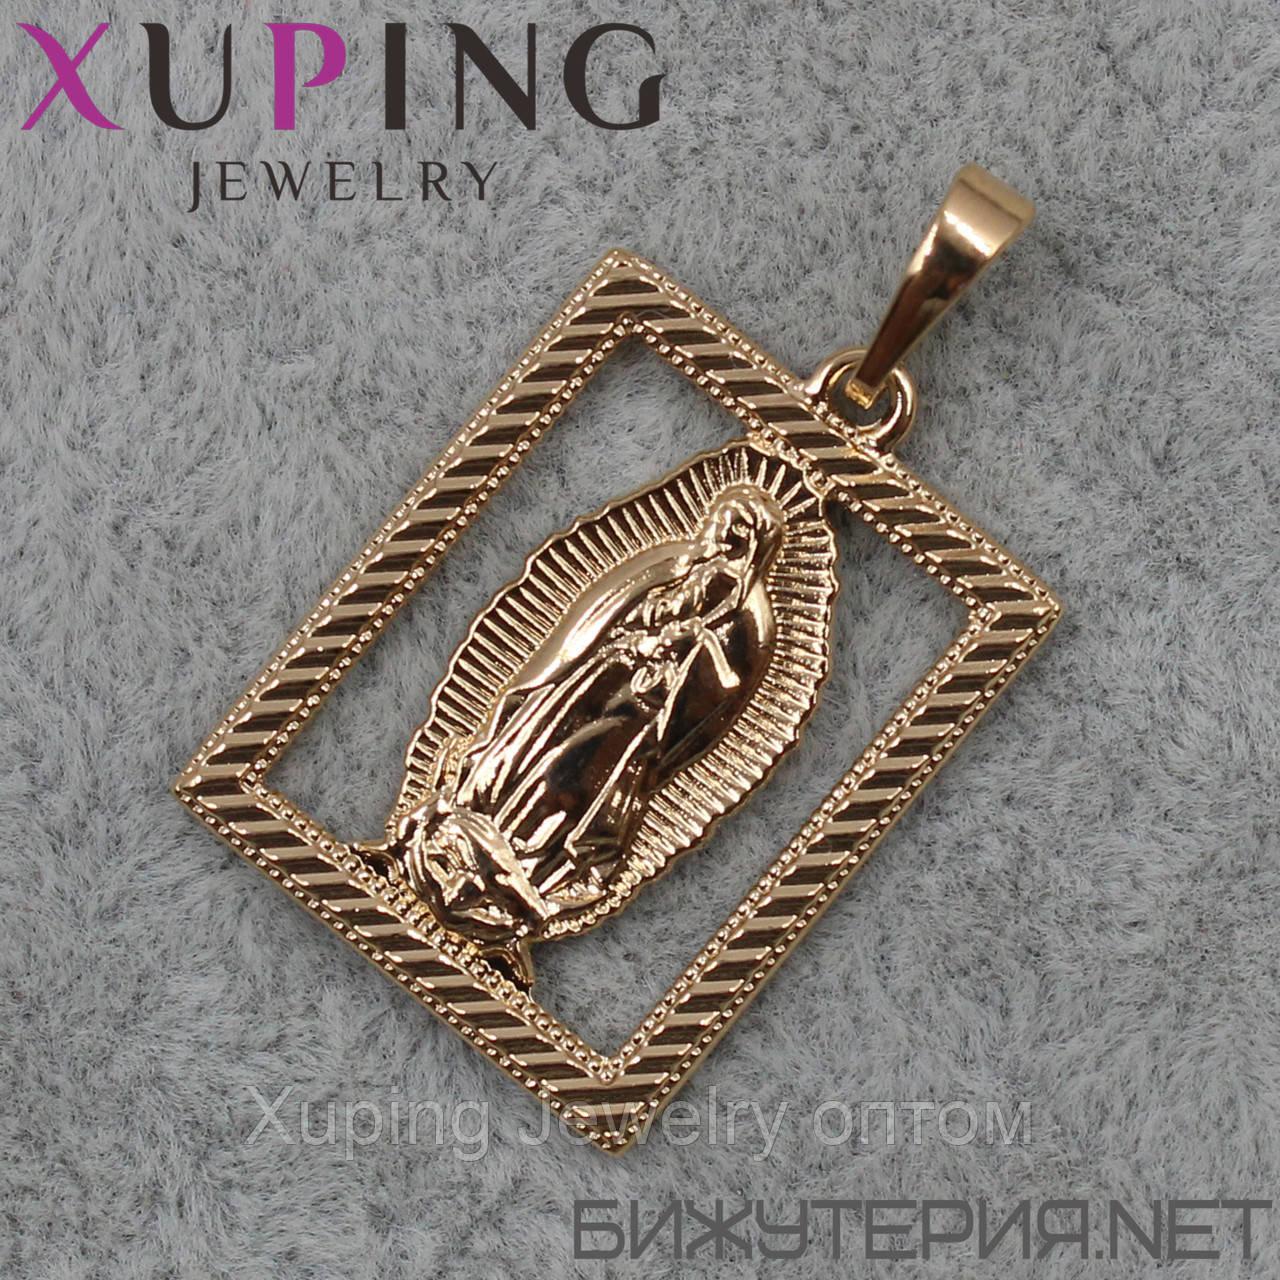 Иконка Xuping медицинское золото 18K Gold - 1020533372